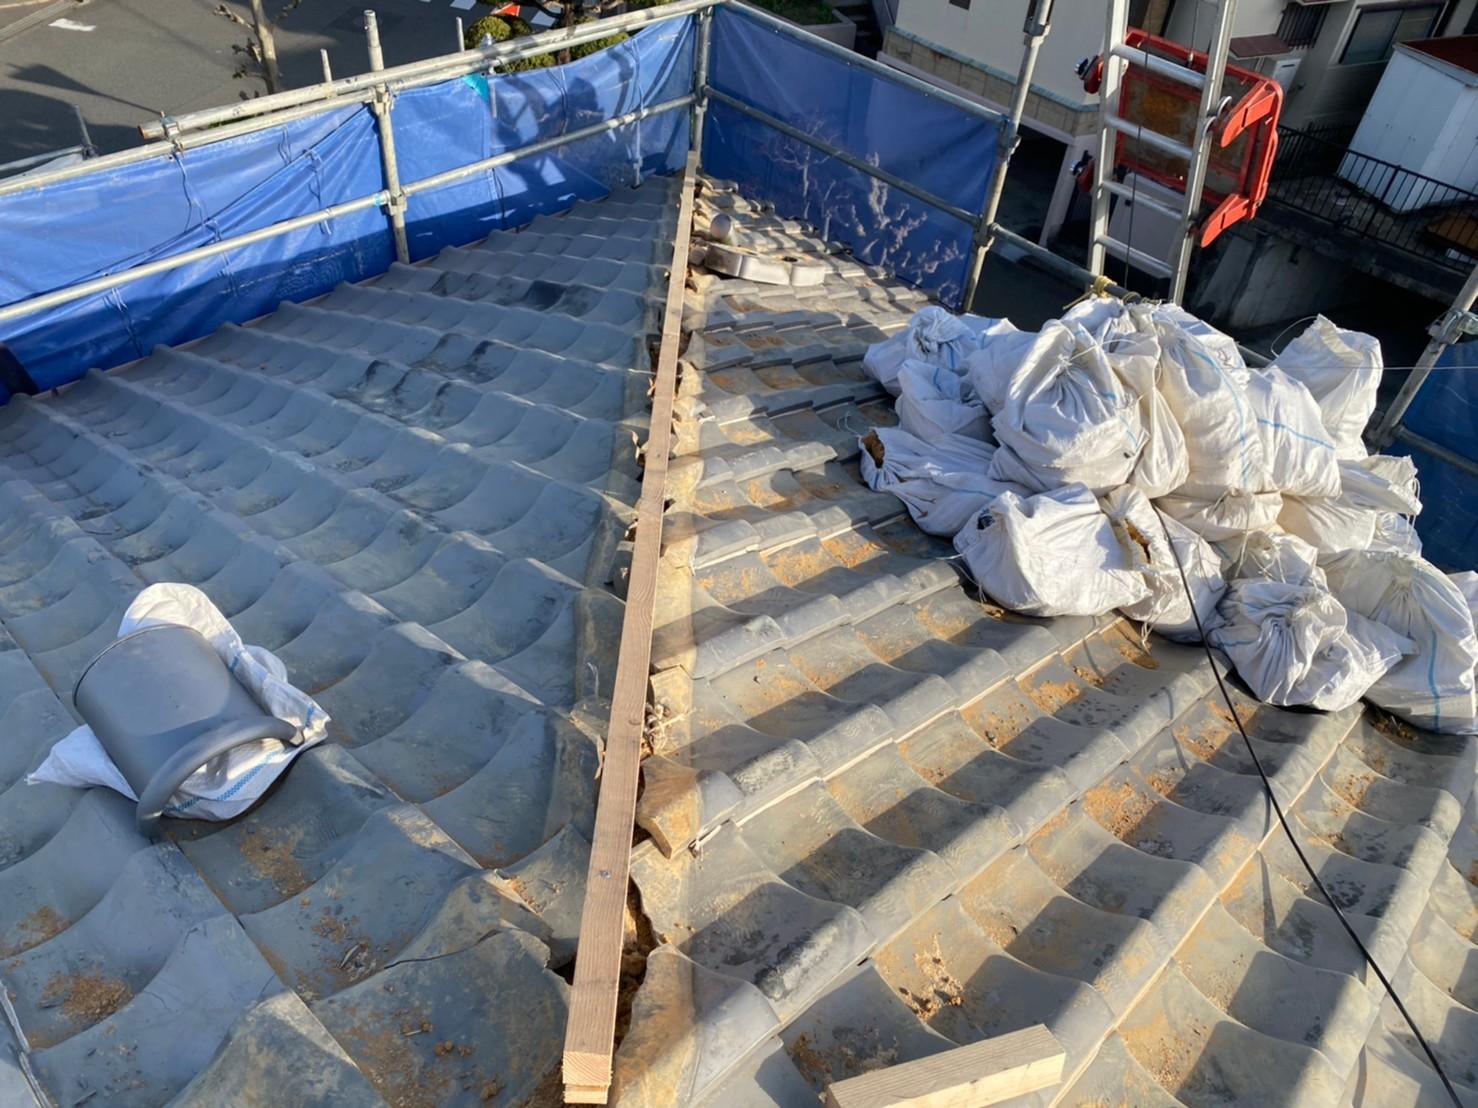 三木市での瓦屋根修理で棟瓦の下地を取り付けた様子